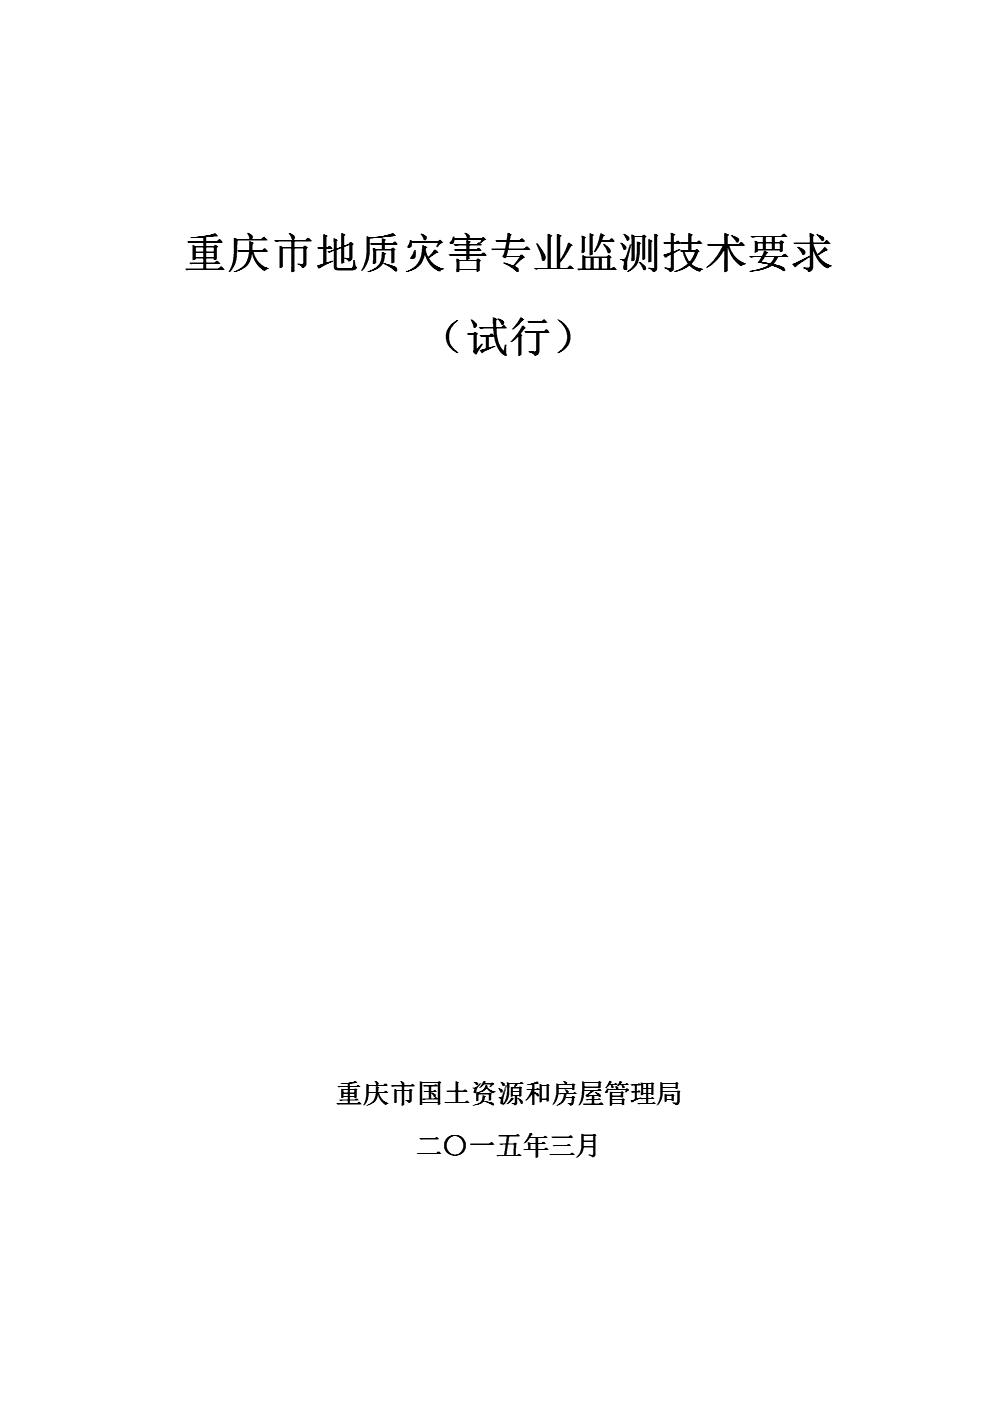 201503重庆市地质灾害专业监测技术要求(试行版).doc